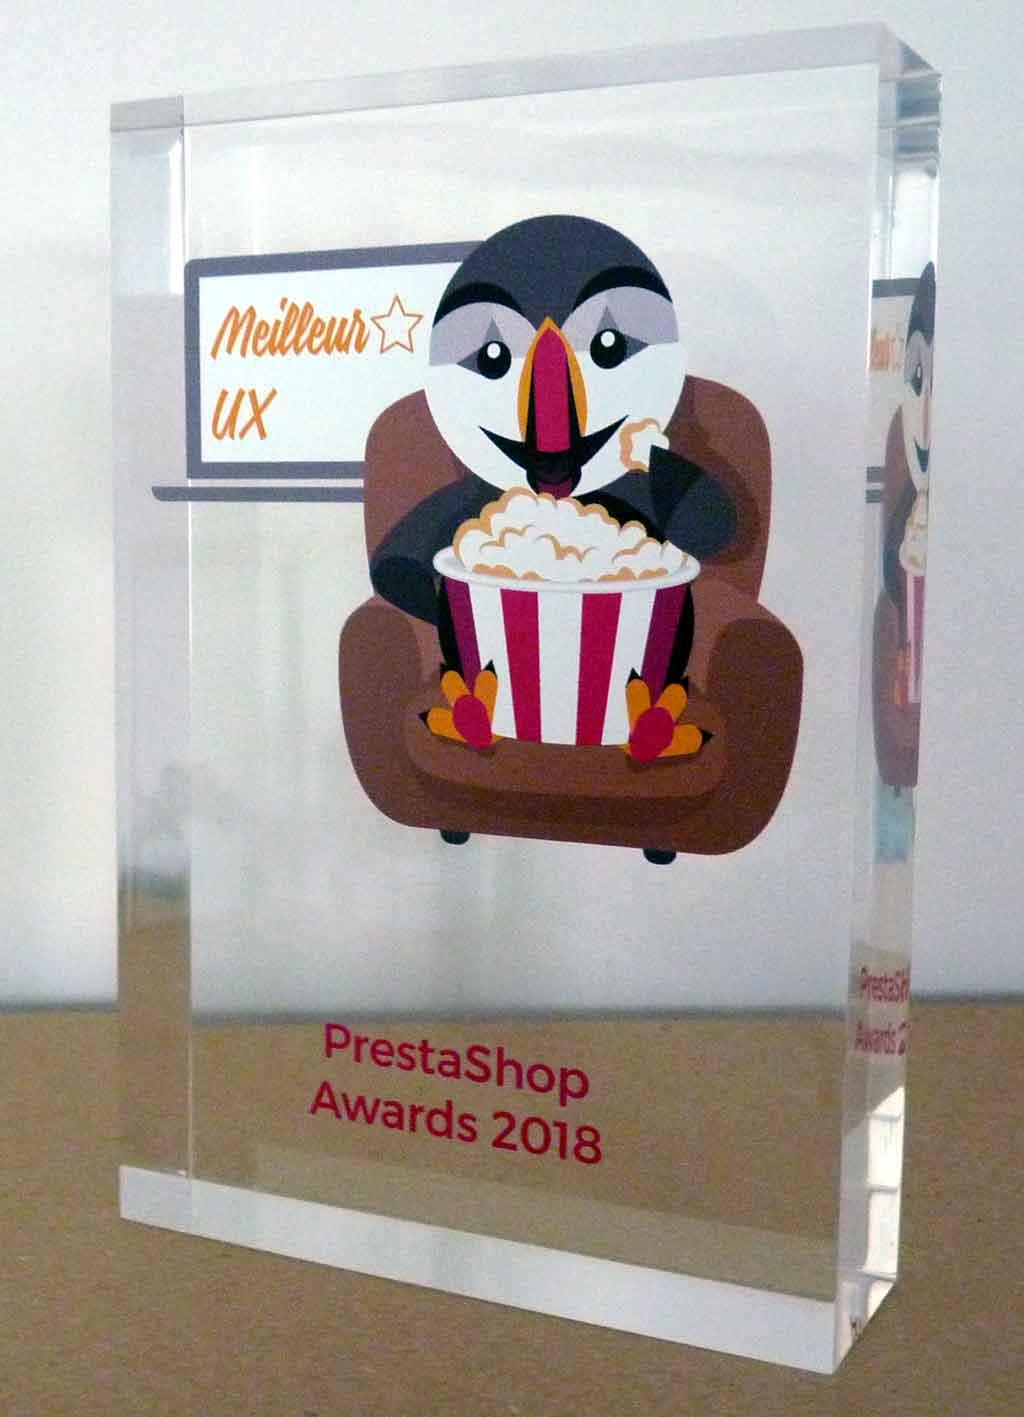 Prestashop Awards 2018 Meilleur UX - Agence Com'onSOft pour le site Air Moto Tours